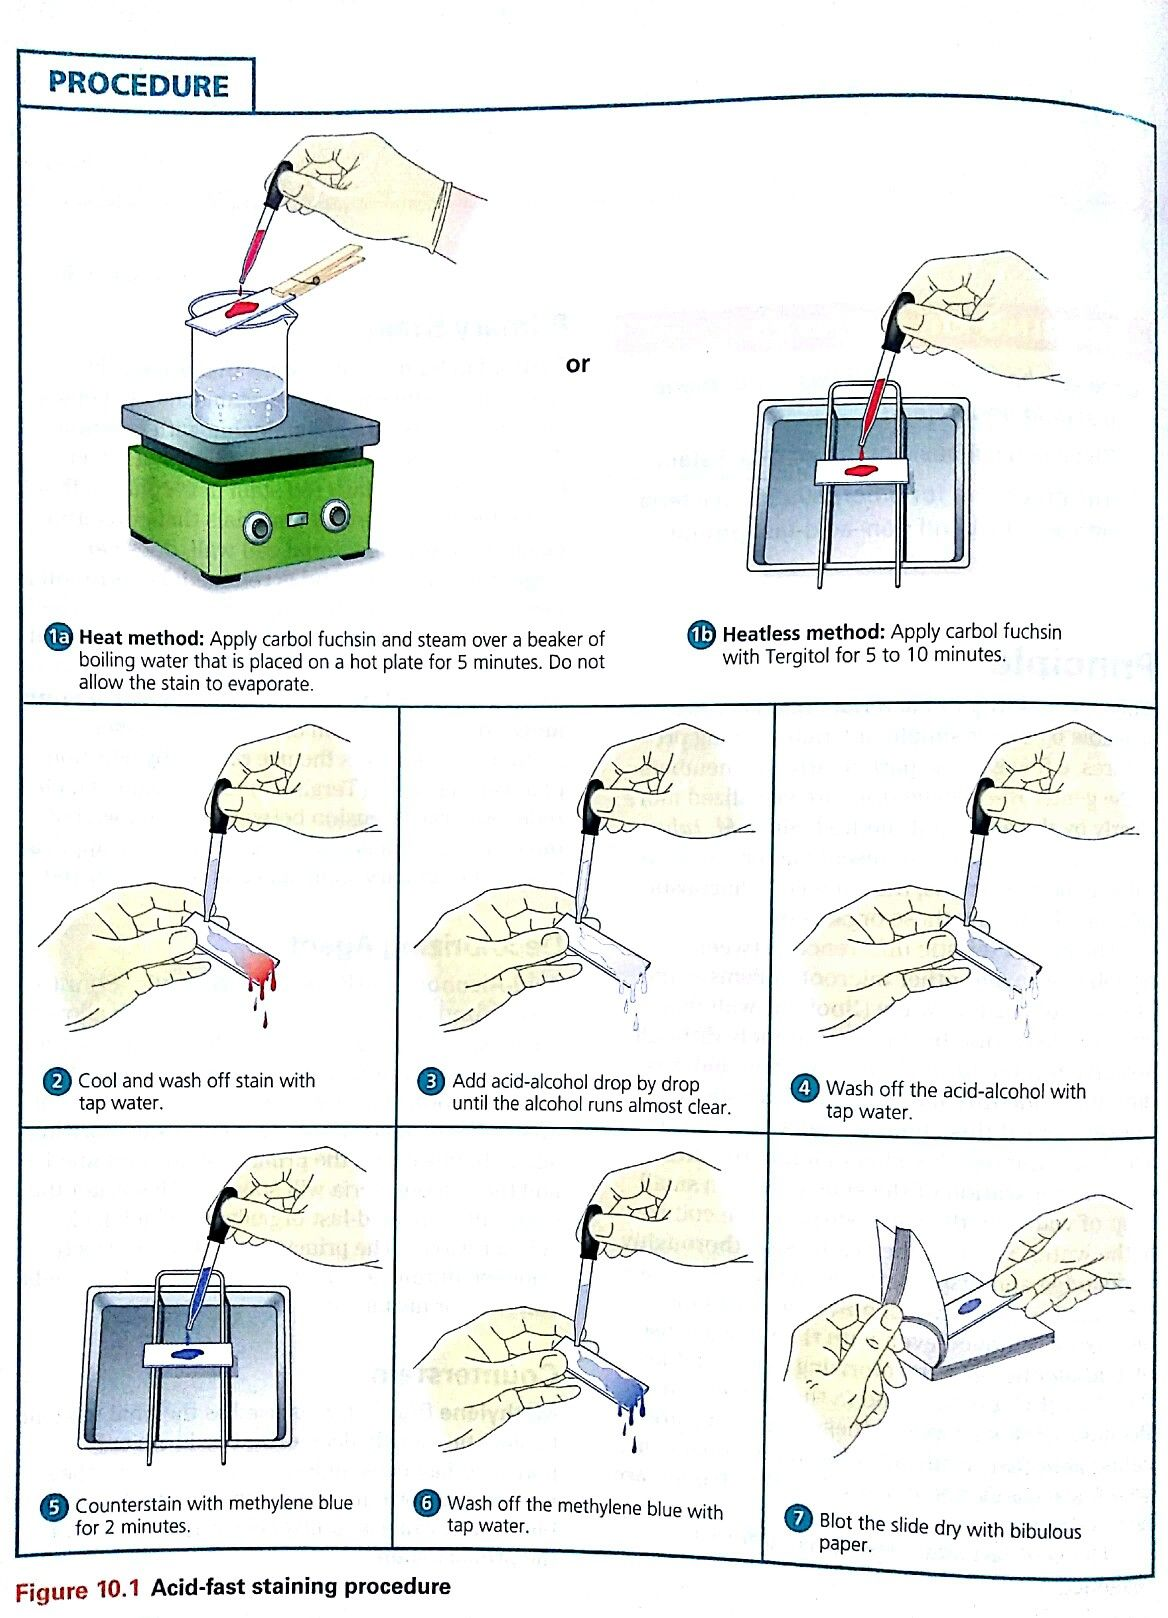 Acid-fast staining procedure | Lab | Med lab, Acid fast, Medical